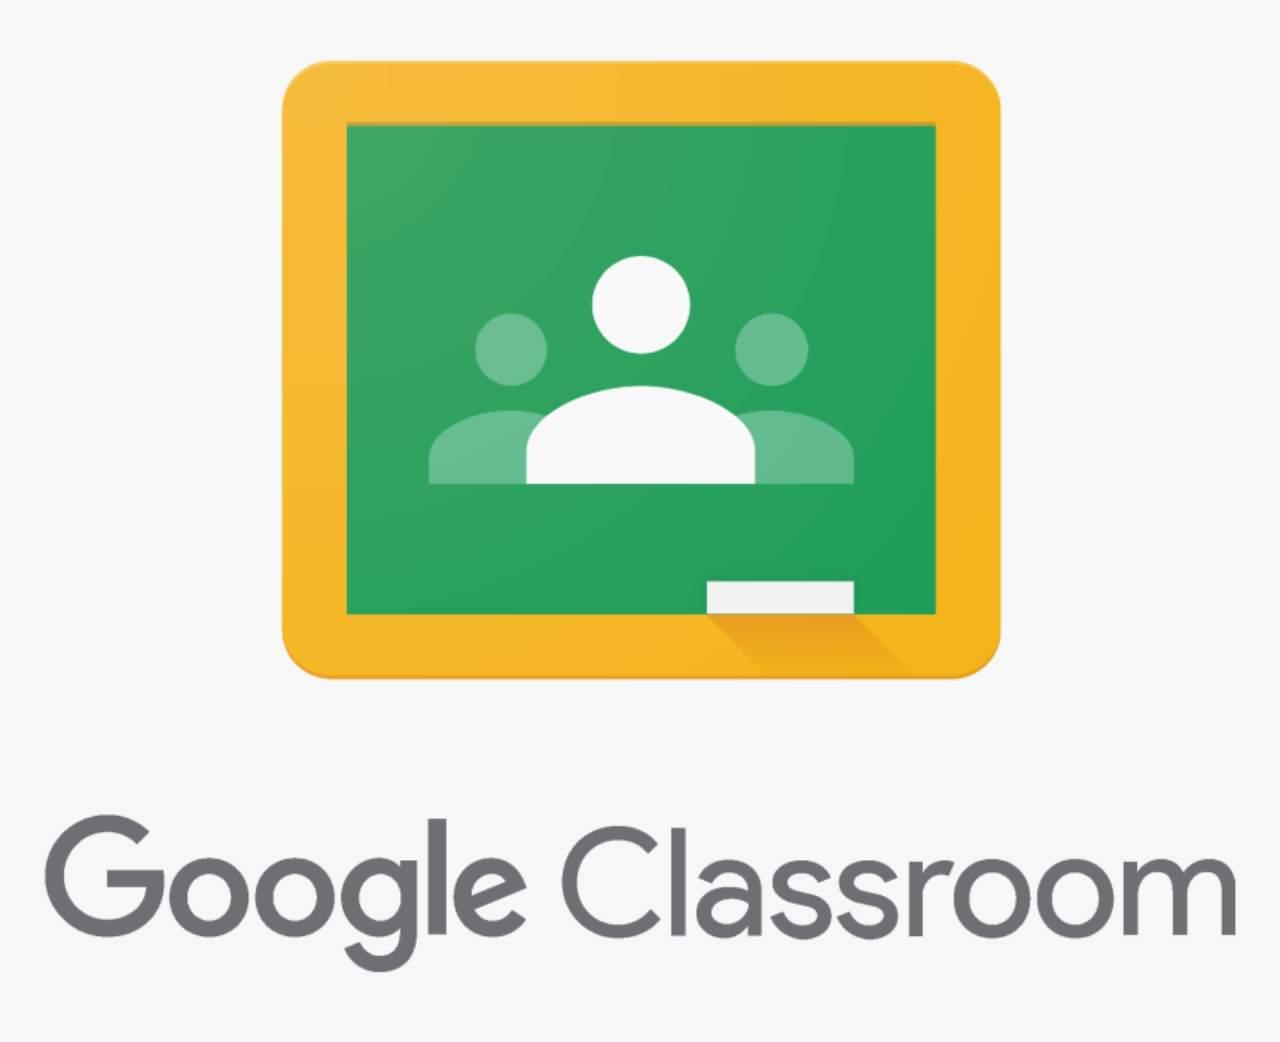 Classroom-Istruzioni-per-alunni